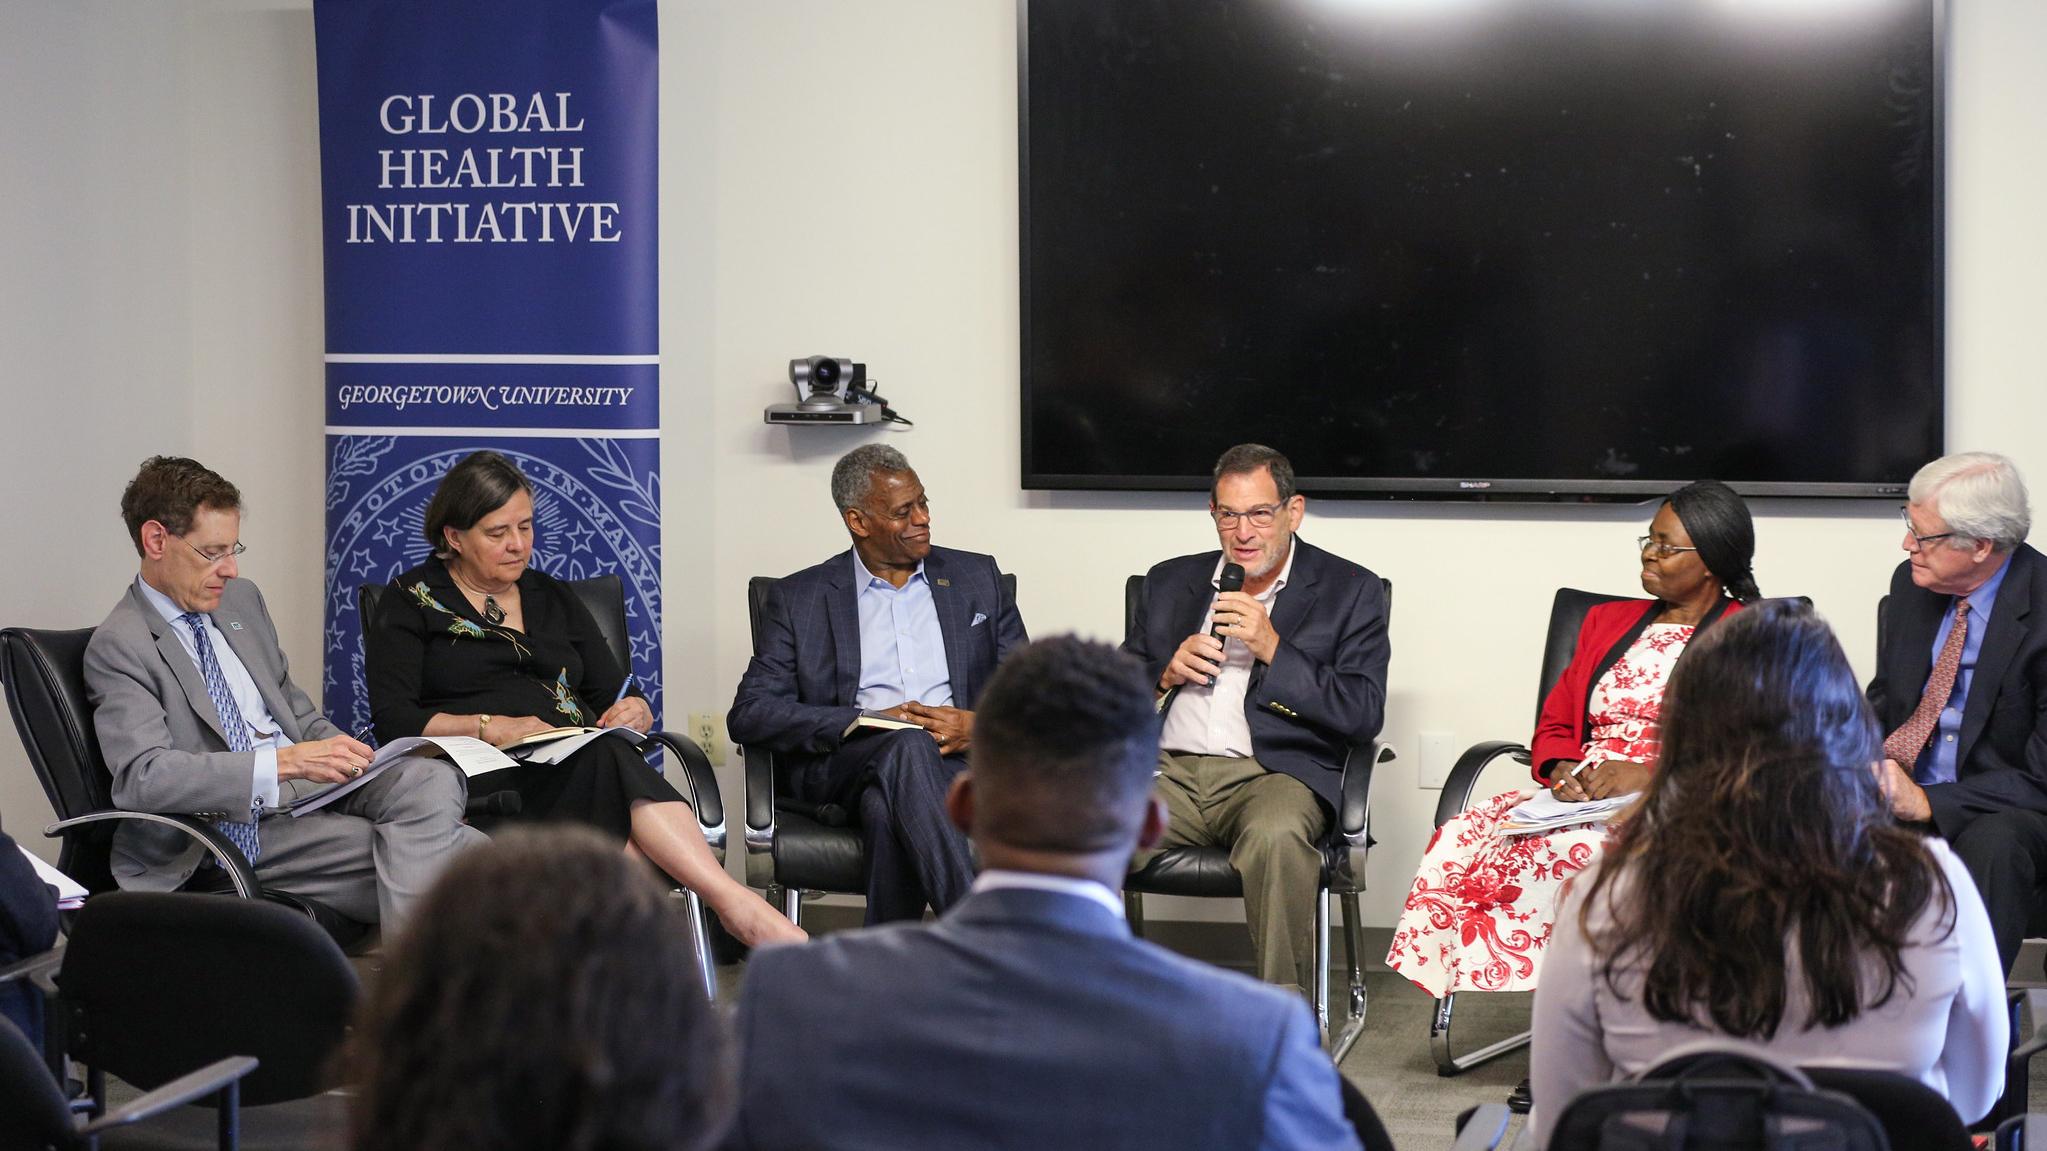 Ambassador Jimmy Kolker speaks on Panel 1.